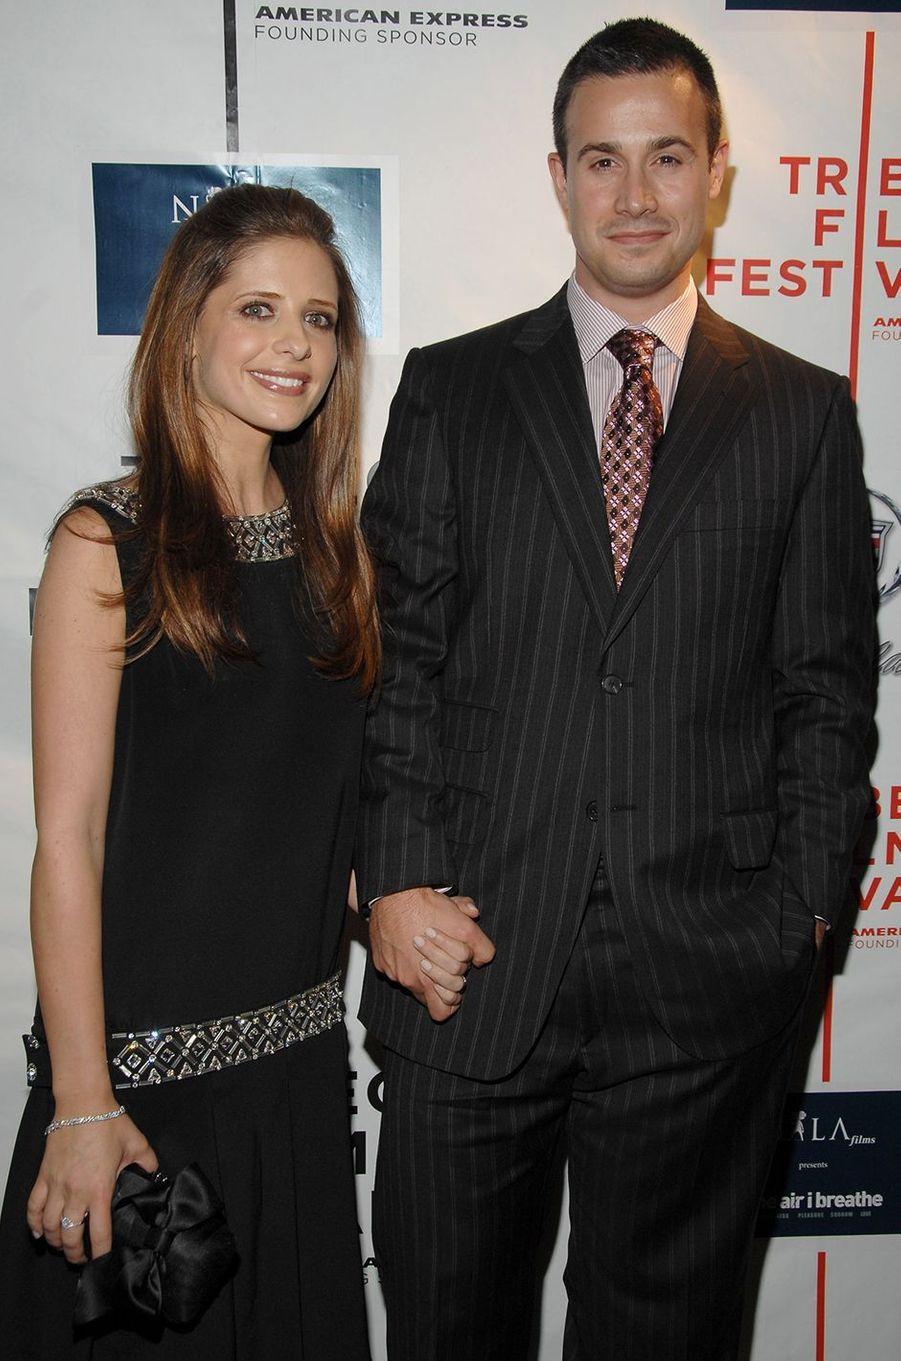 Sarah Michelle Gellar et Freddie Prinze Jr. au Festival du film de Tribeca à New York en avril 2007